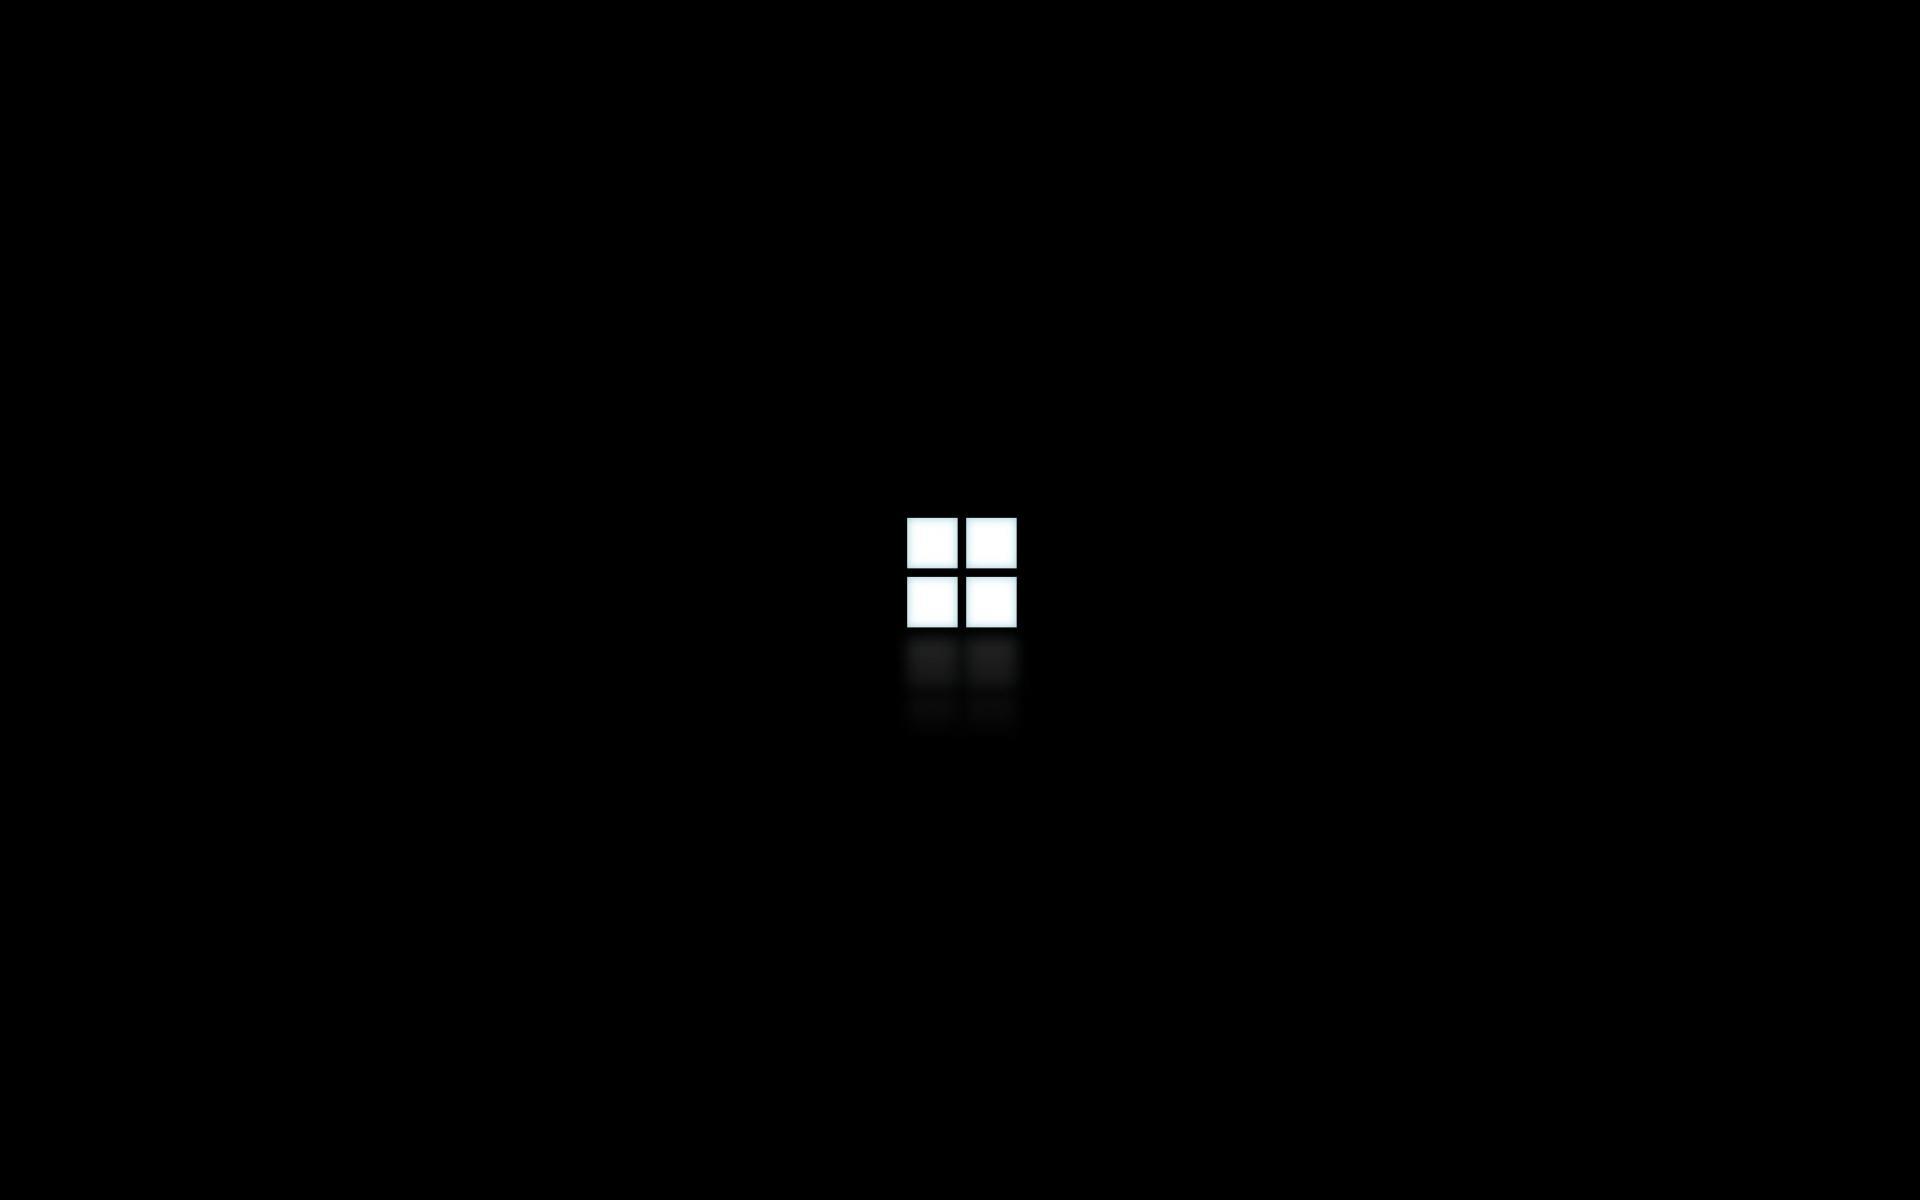 windows minimalist wallpaper   71502   HQ Desktop Wallpapers 1920x1200